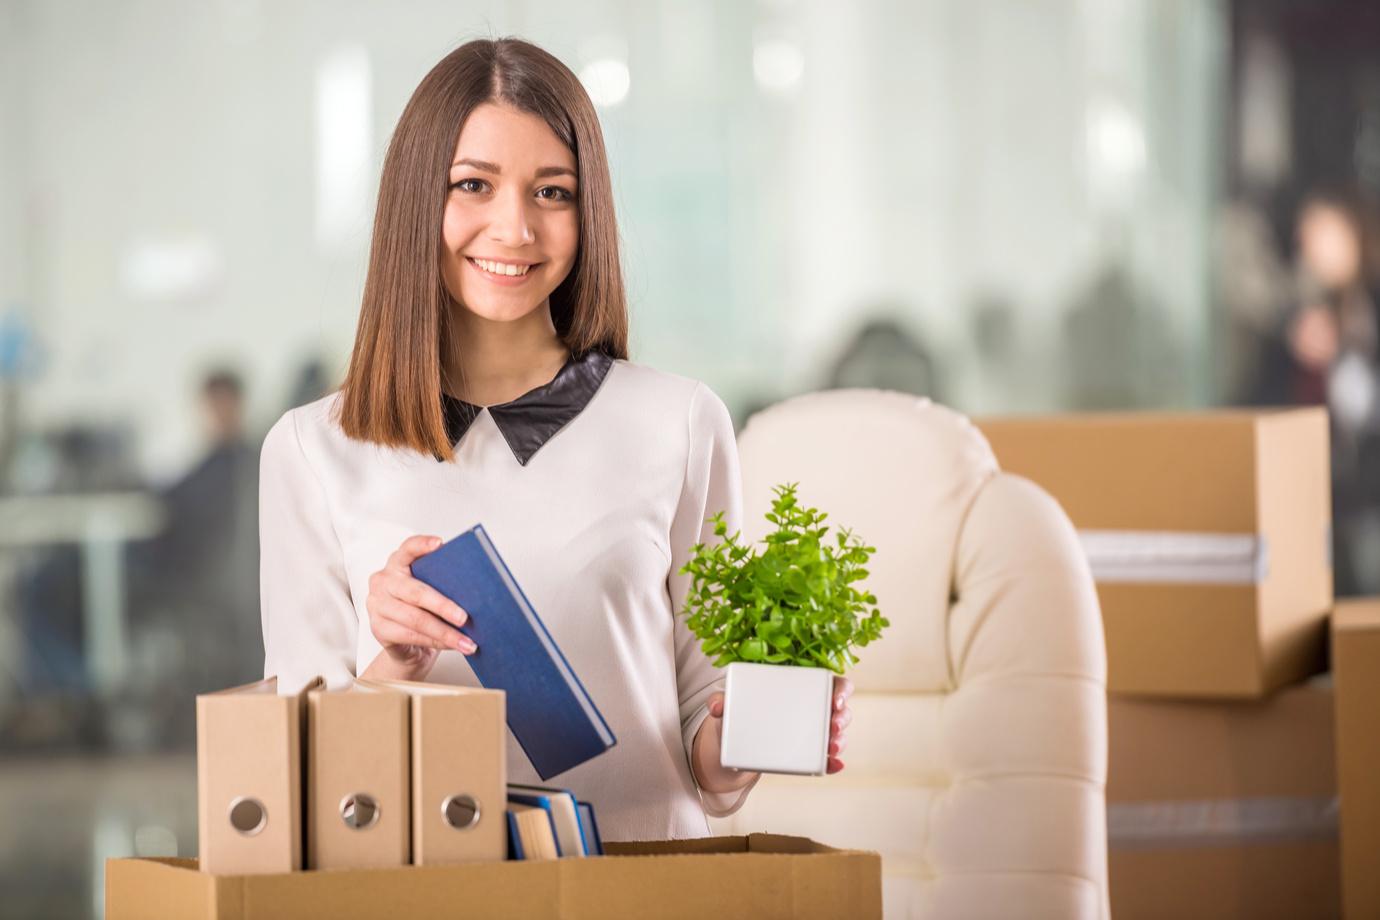 転勤が決まったらやるべきこと6選! 短期間で引っ越しをする方法!